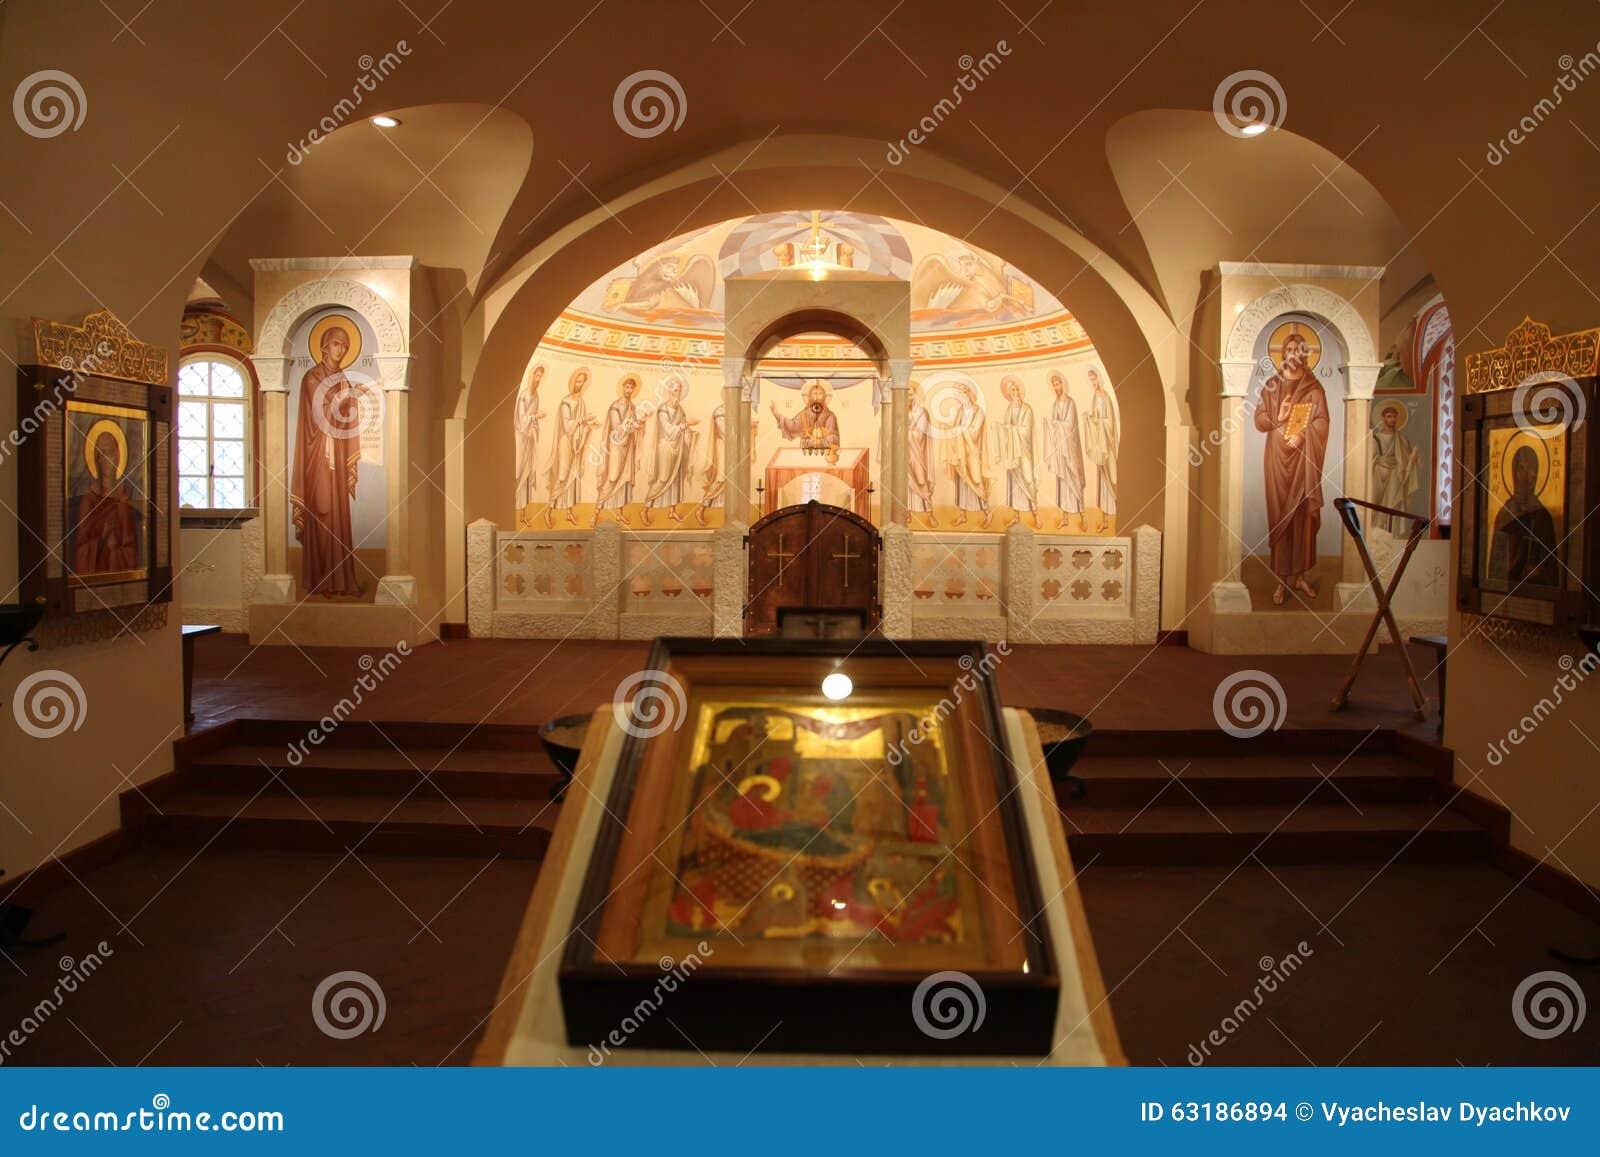 Binnenland, altaar, pictogrammen, fresko s, doopdoopvont, in de oude Russische traditionele orthodoxe kerk